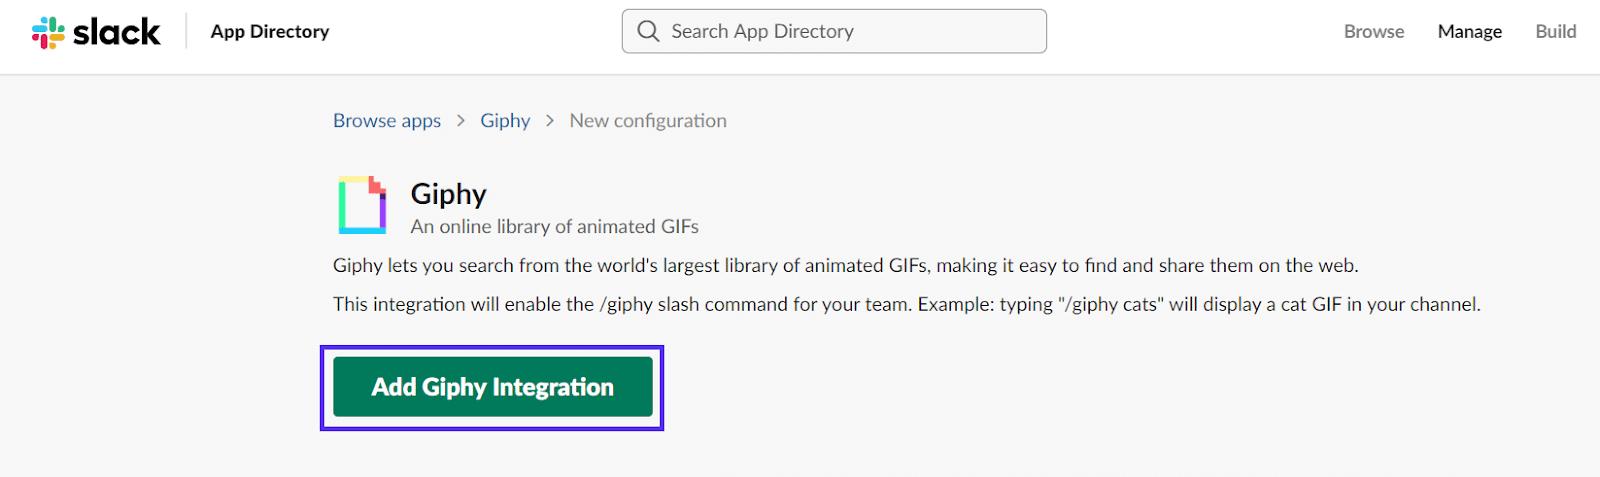 Tilføjelse af Giphy-integration